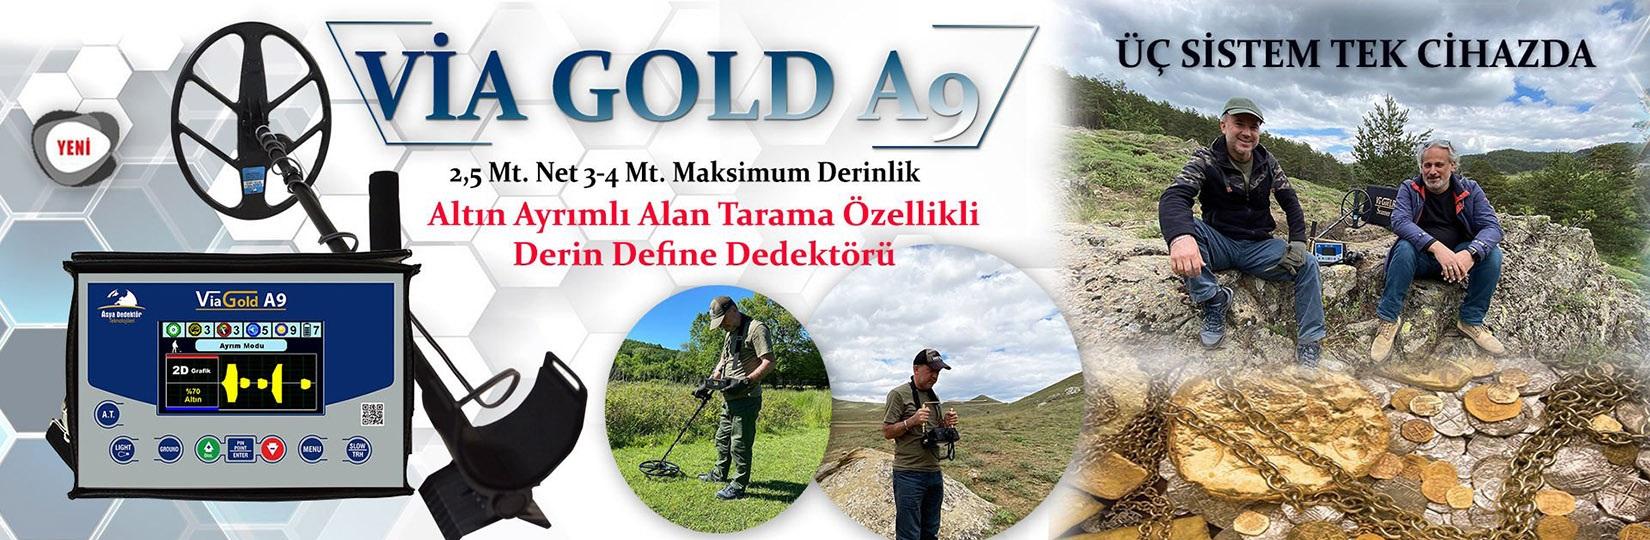 via gold a9 dedektor